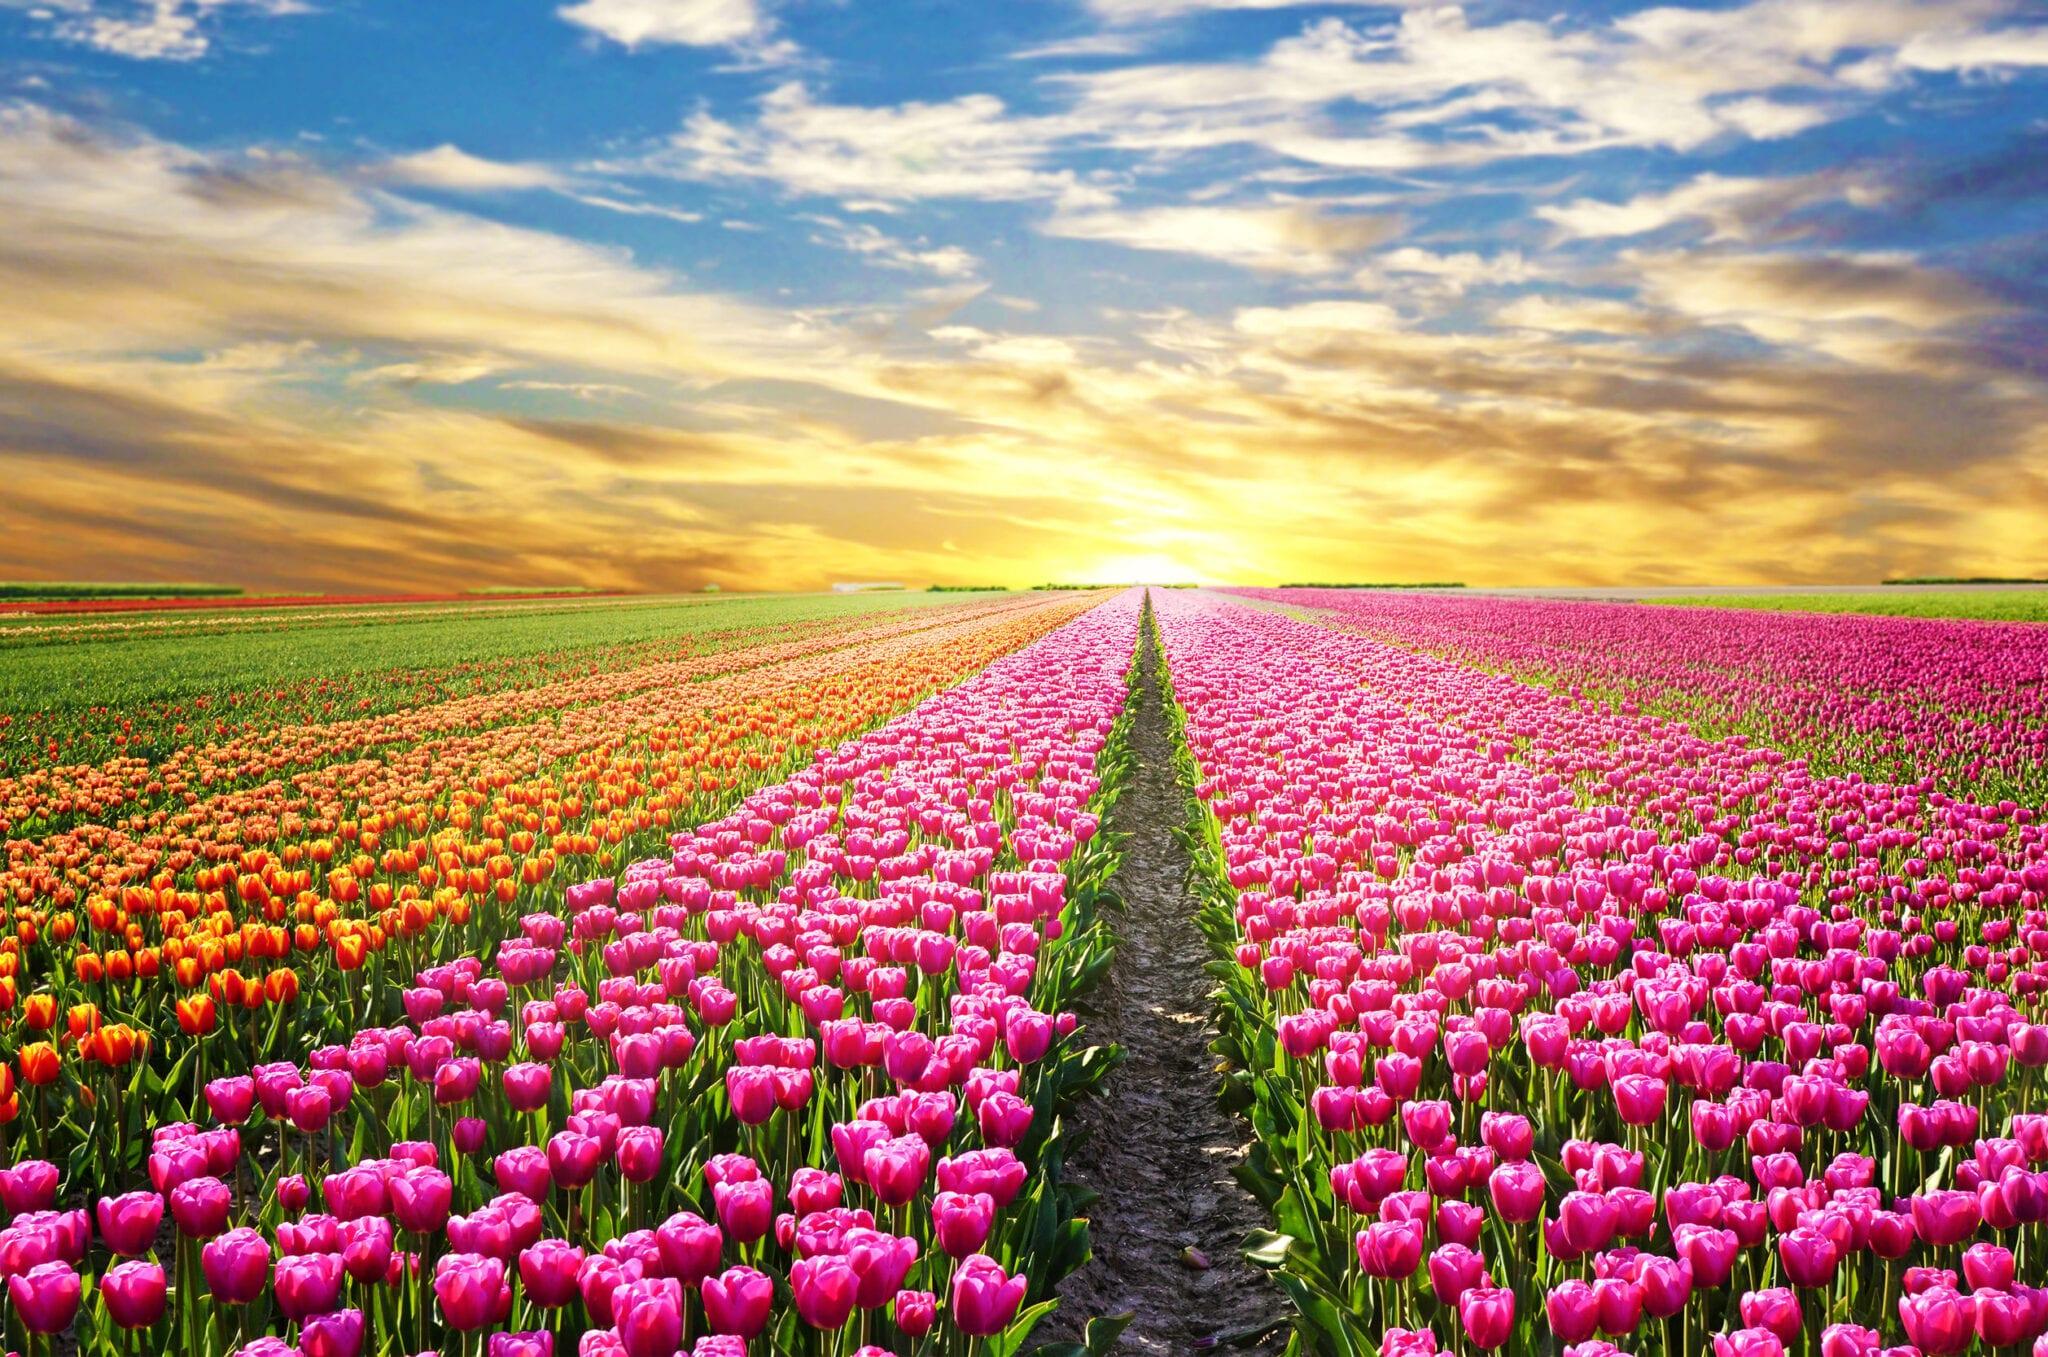 Tulpenvelden bezoeken en bloembollen uitjes Nederland met kinderen - Mamaliefde.nl